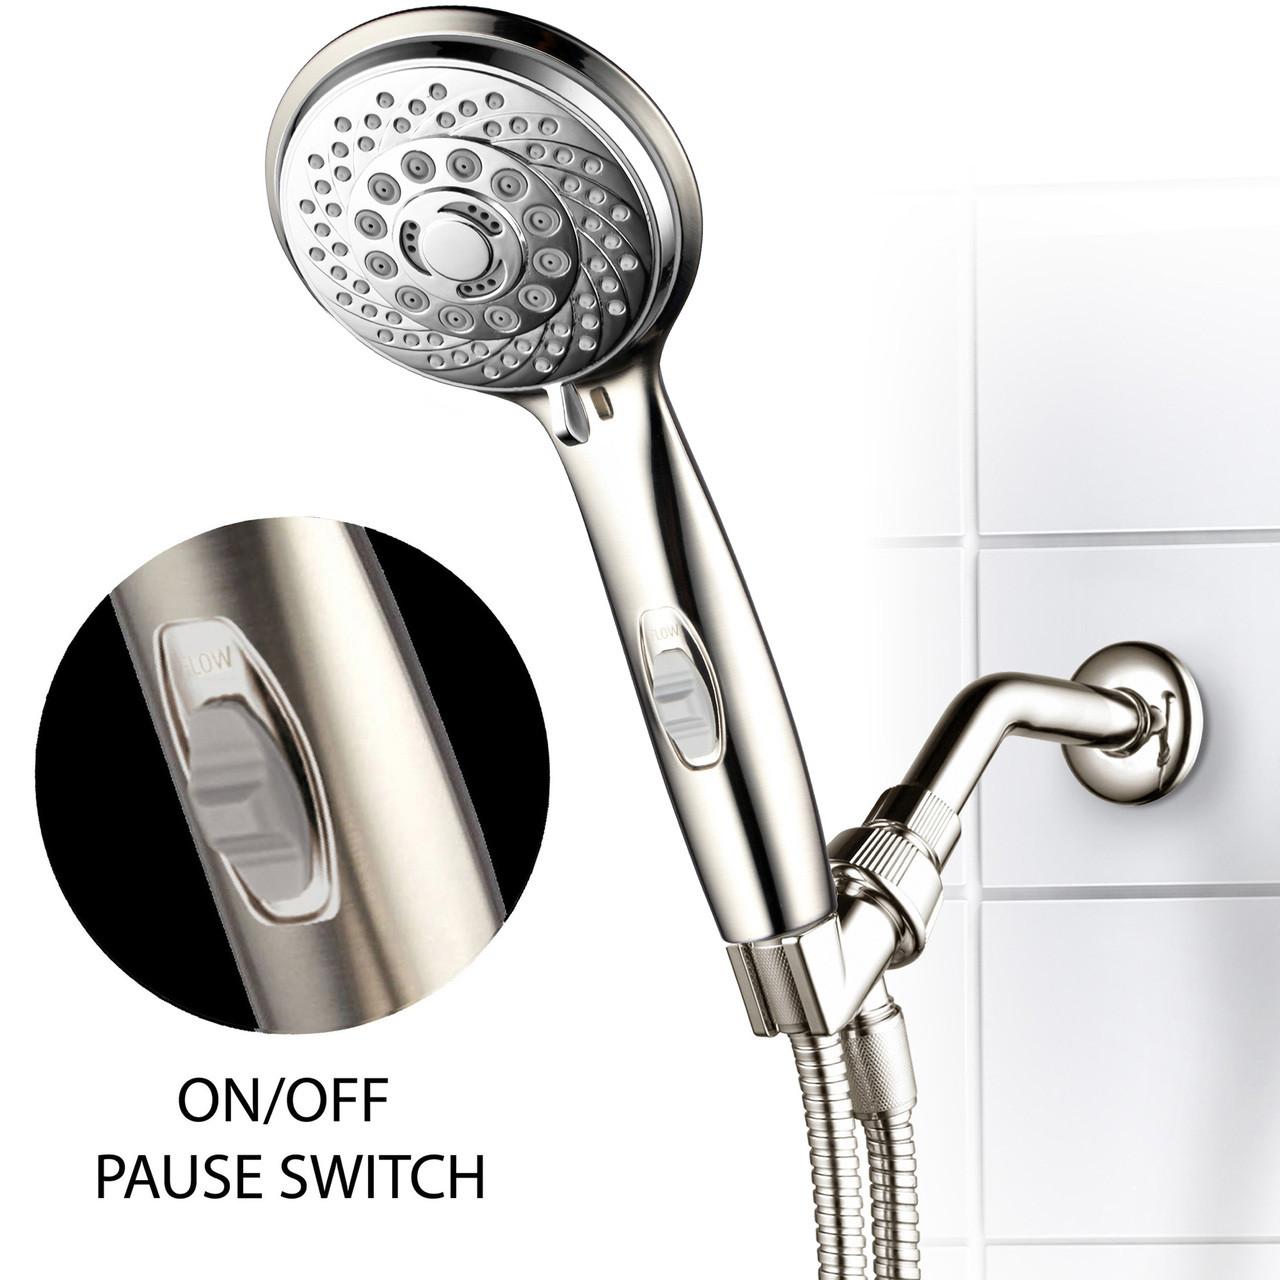 Ultra High Pressure Hand Held Shower Head Brushed Nickel Luxury Spa Series